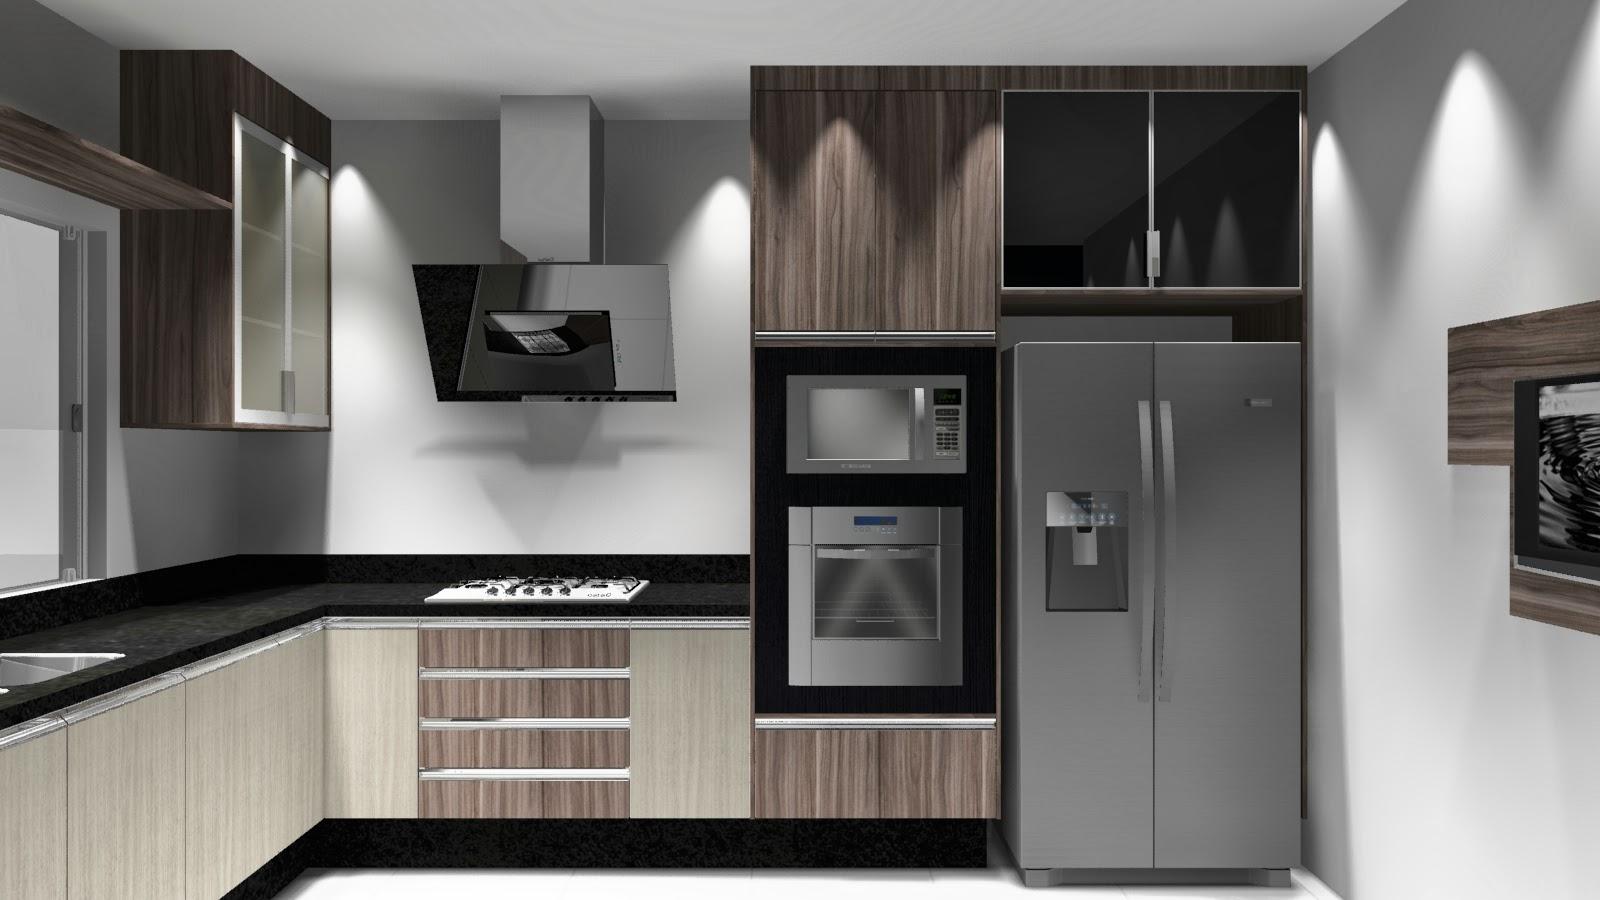 #444C59 Projeto da minha cozinha: Só essa parede da ilha que não entendi  1600x900 px Projete Minha Própria Cozinha_914 Imagens